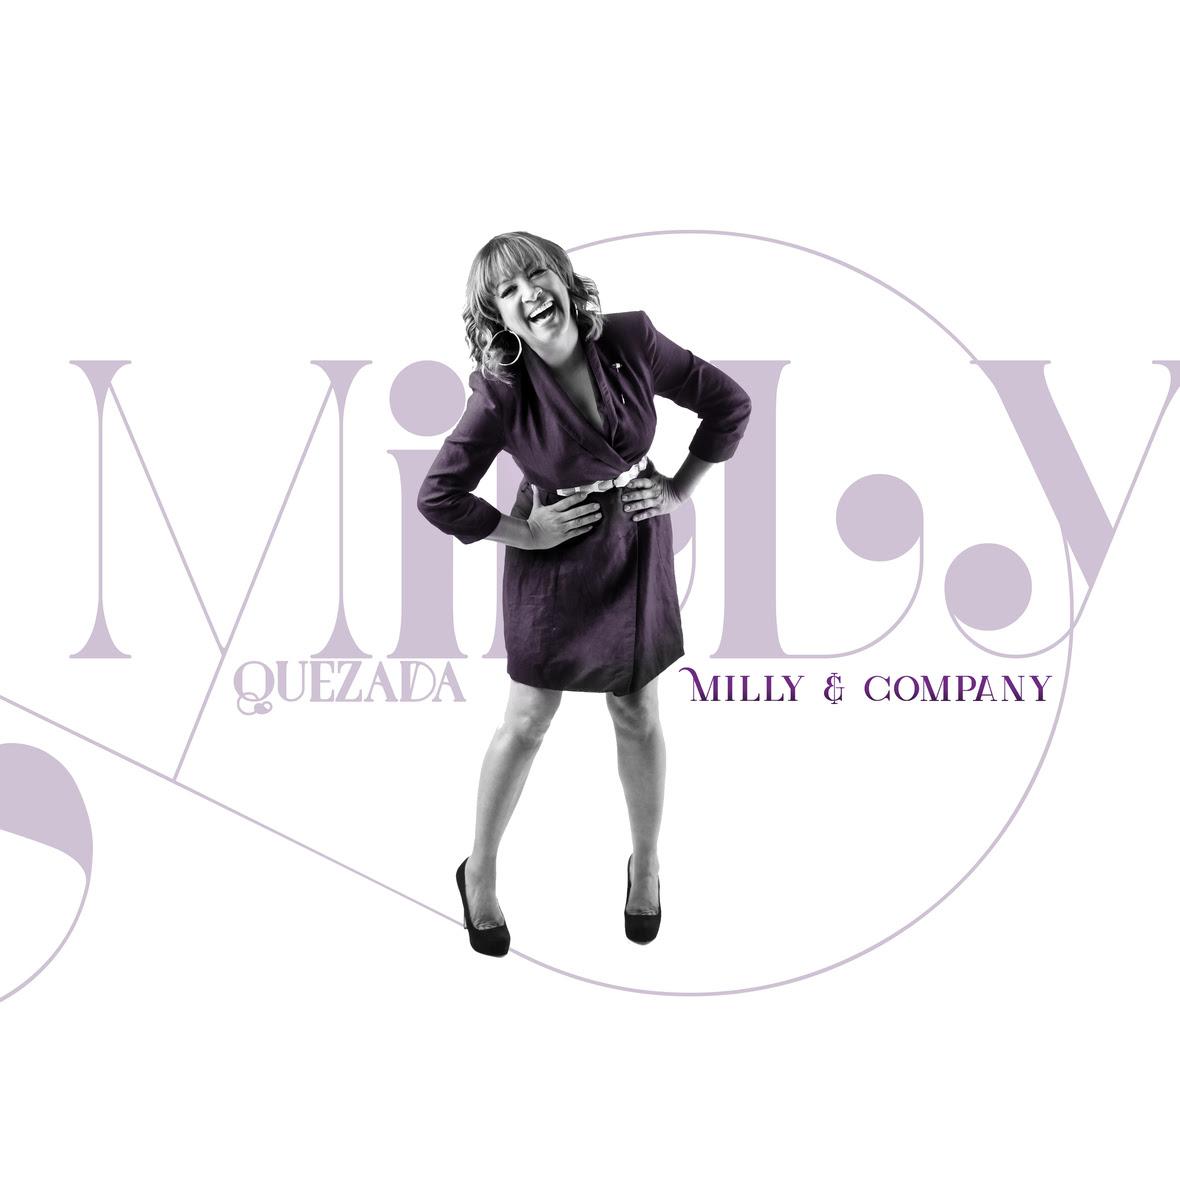 Milly Quezada estrena hoy su álbum #34